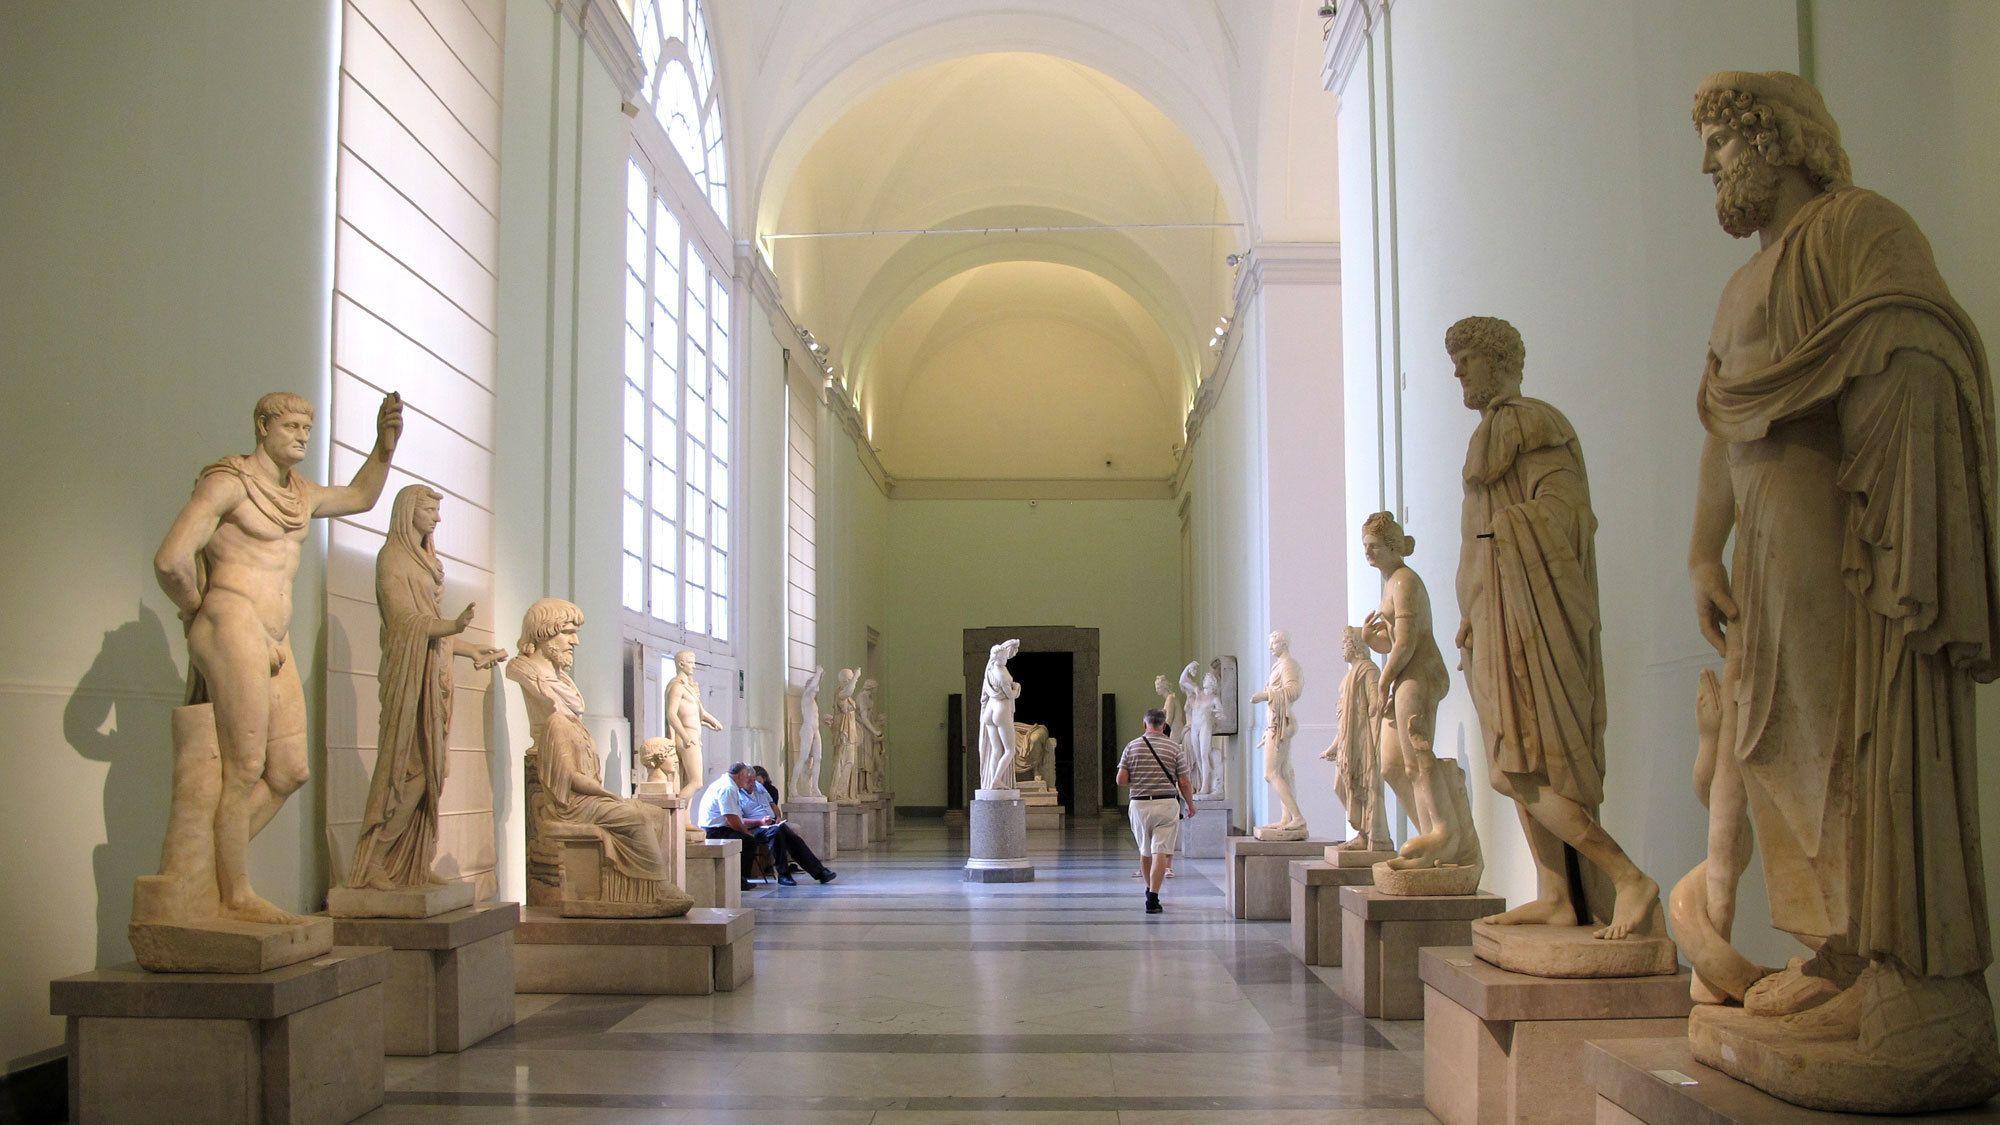 Eintrittskarte für das Archäologische Nationalmuseum Neapel